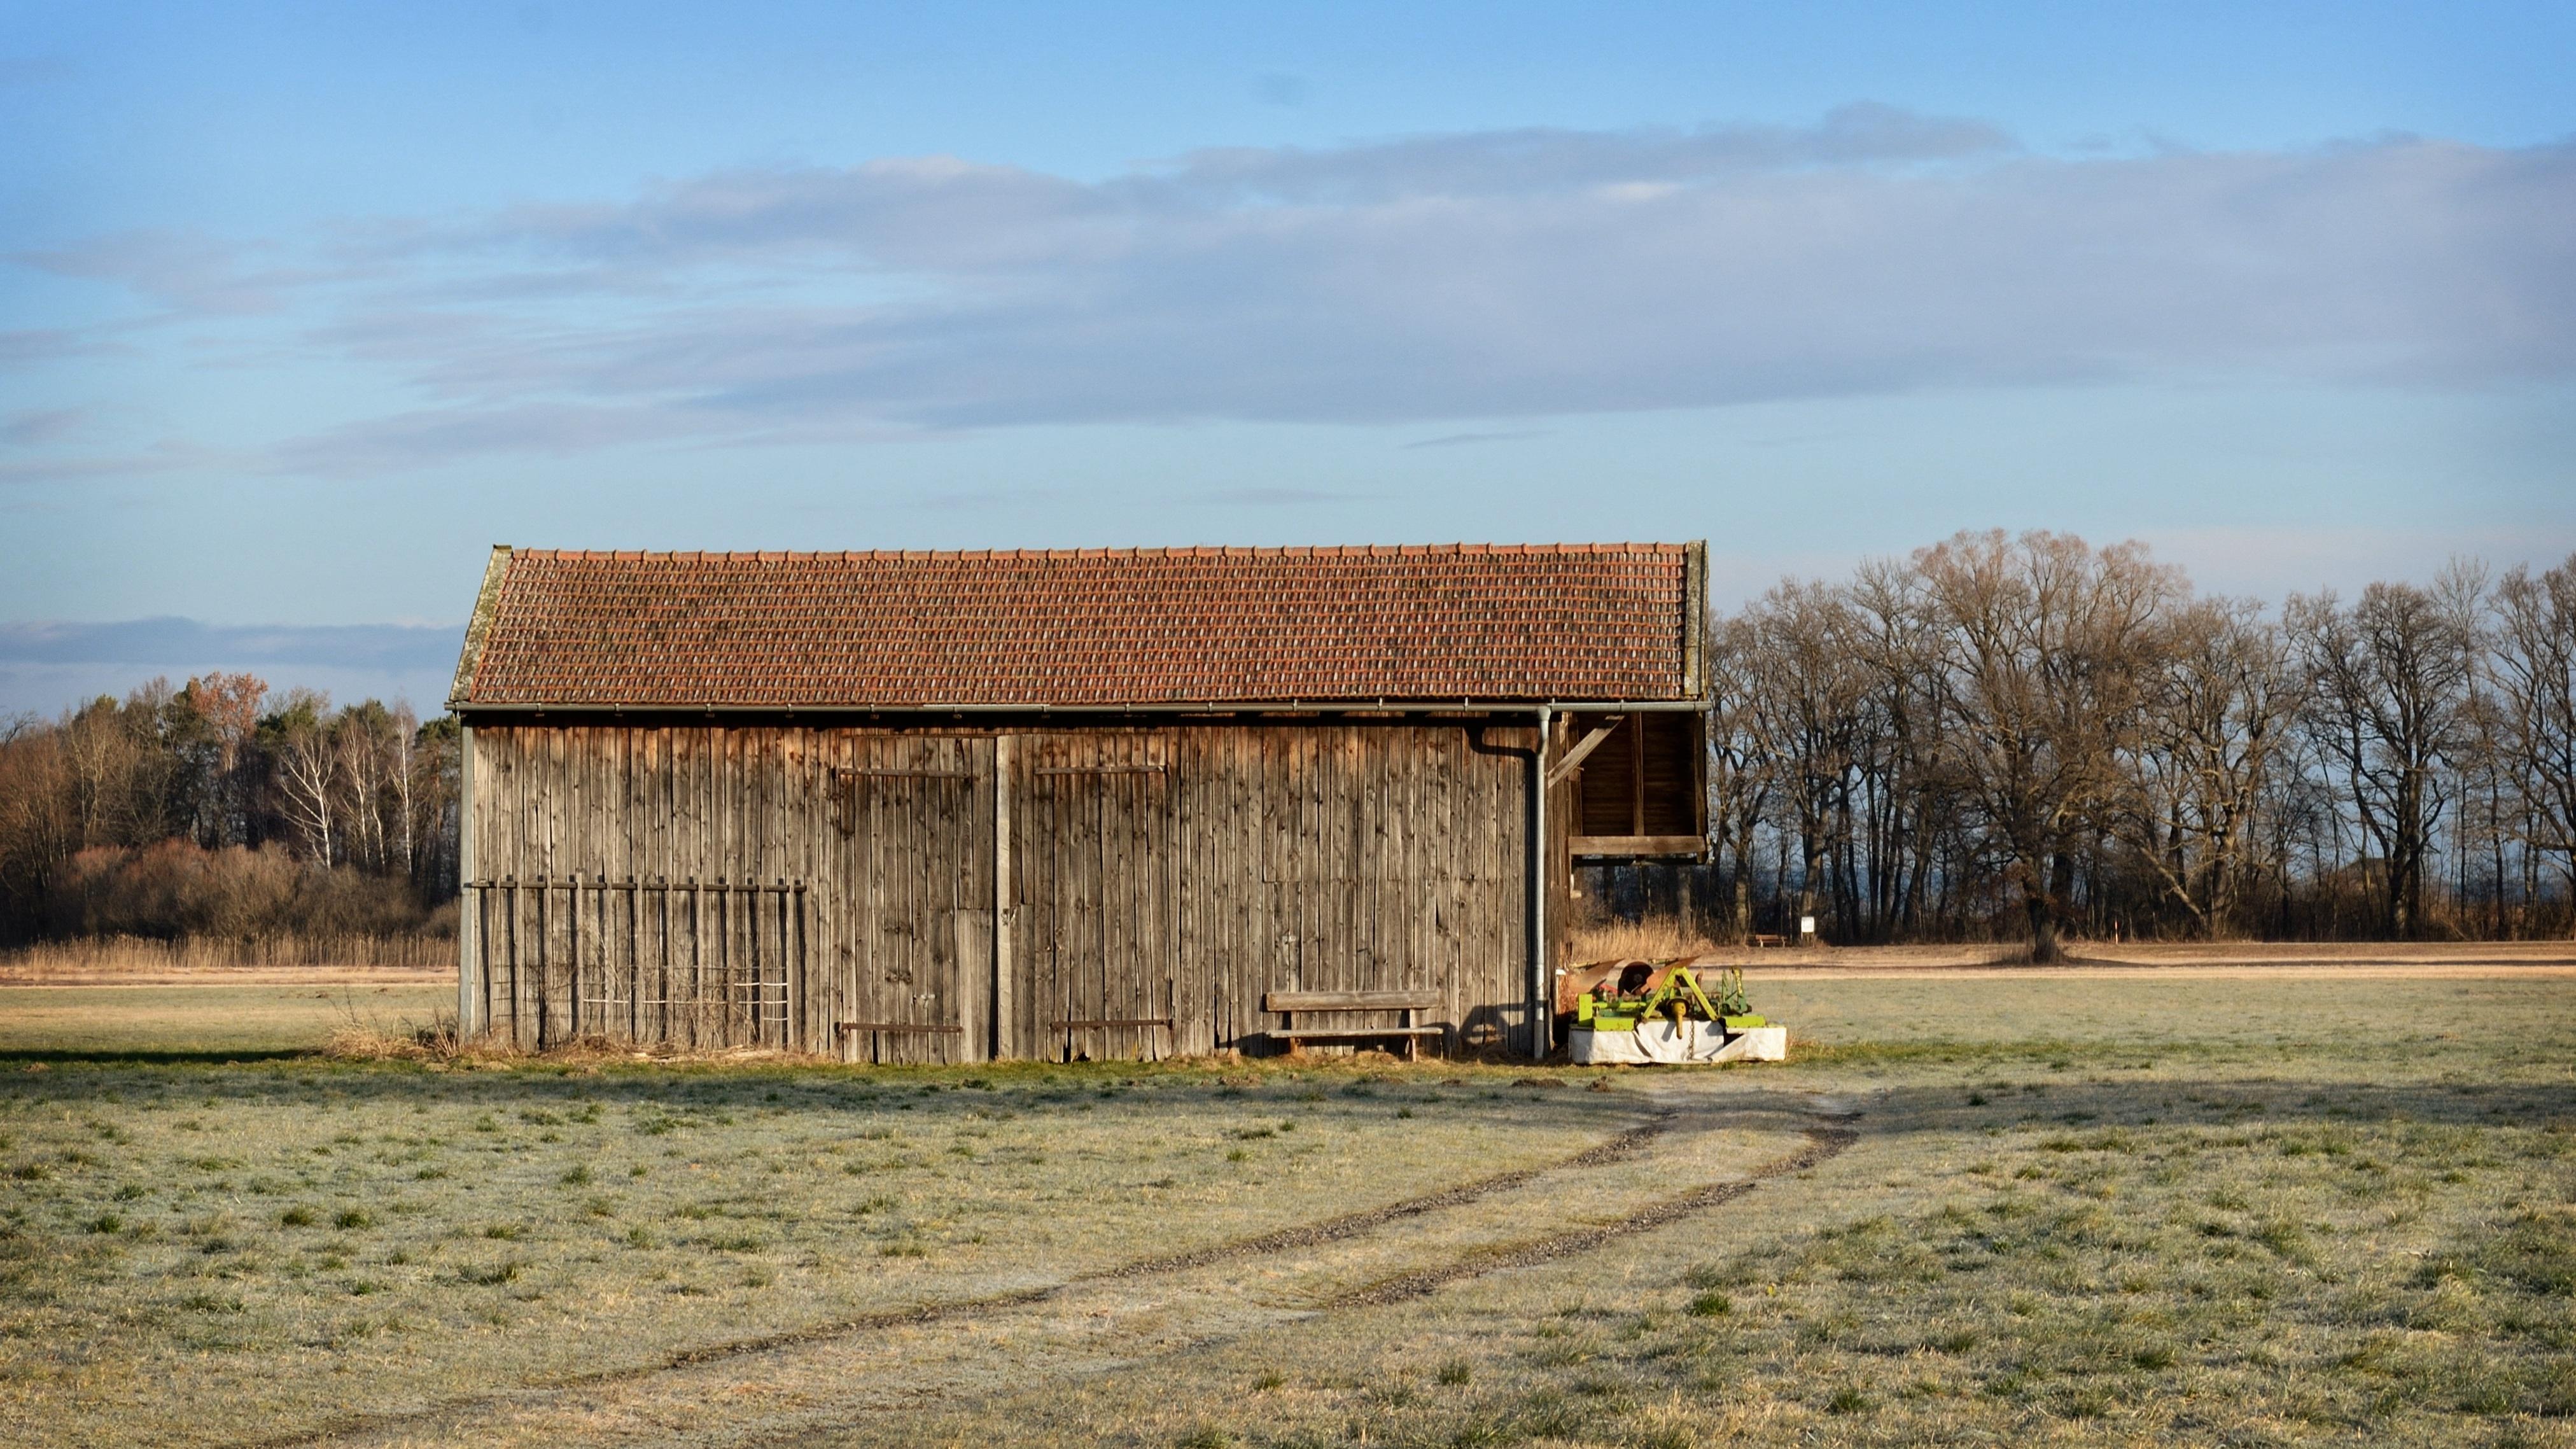 Gratis afbeeldingen landschap natuur architectuur hout veld farm weide huis gebouw - Verlenging hout oud huis ...